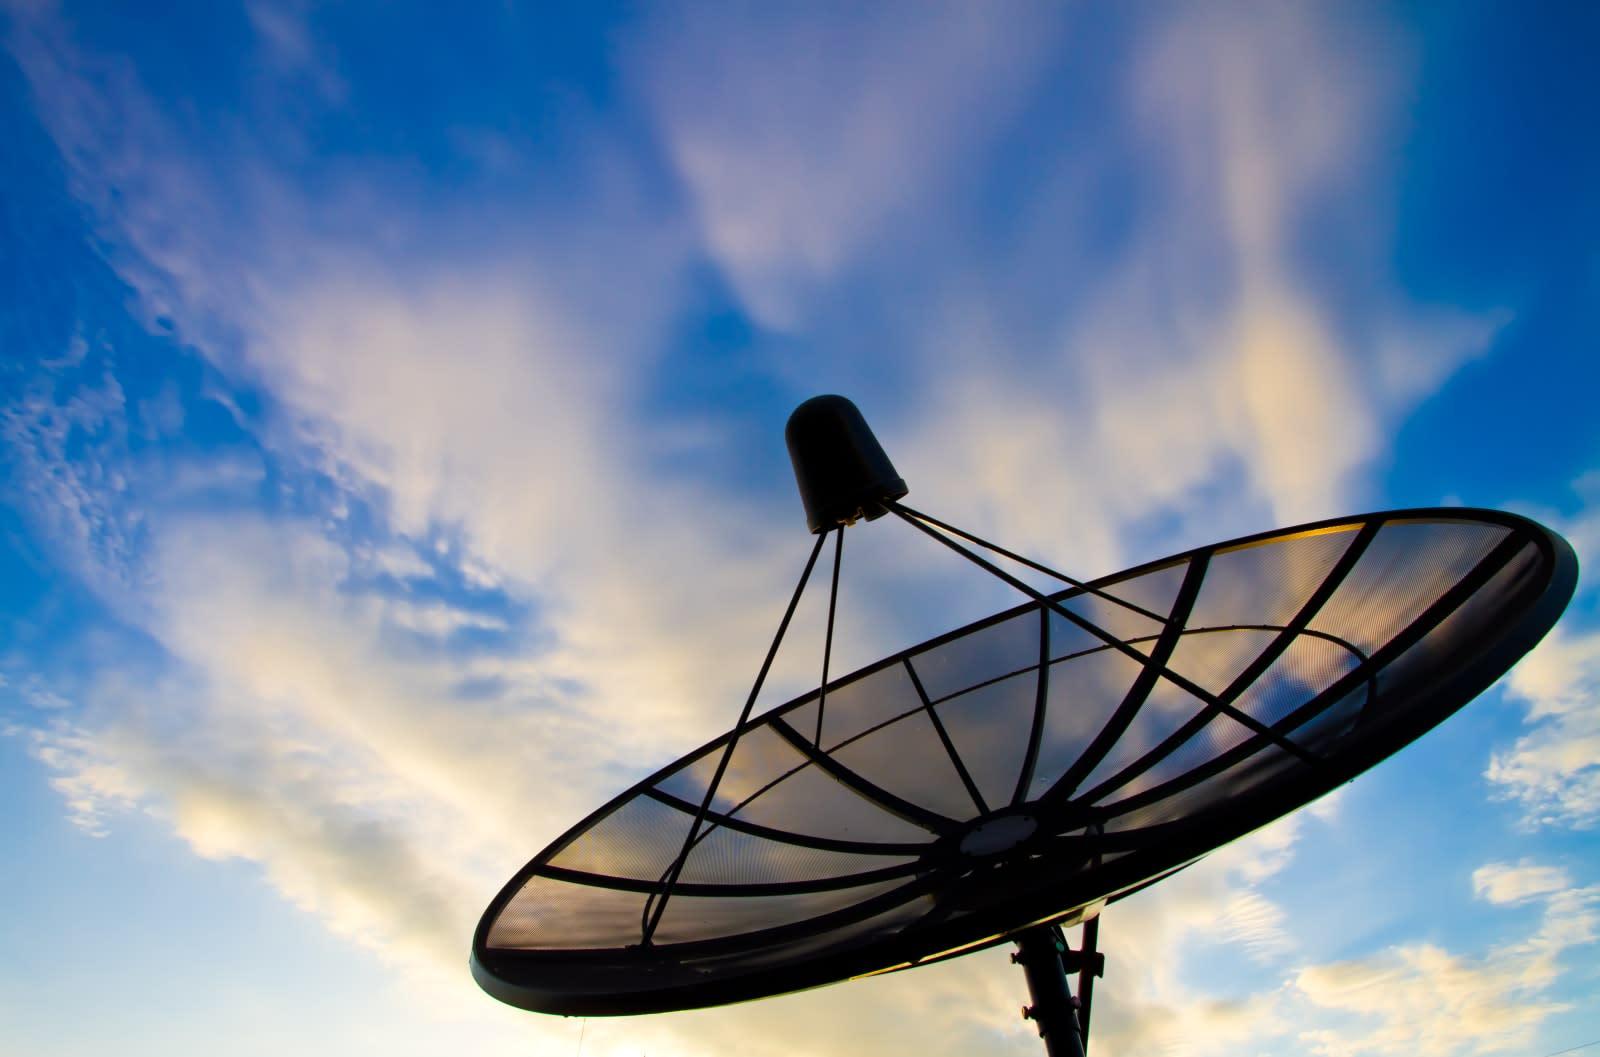 Verizon cutoffs mark an uncertain future for rural customers